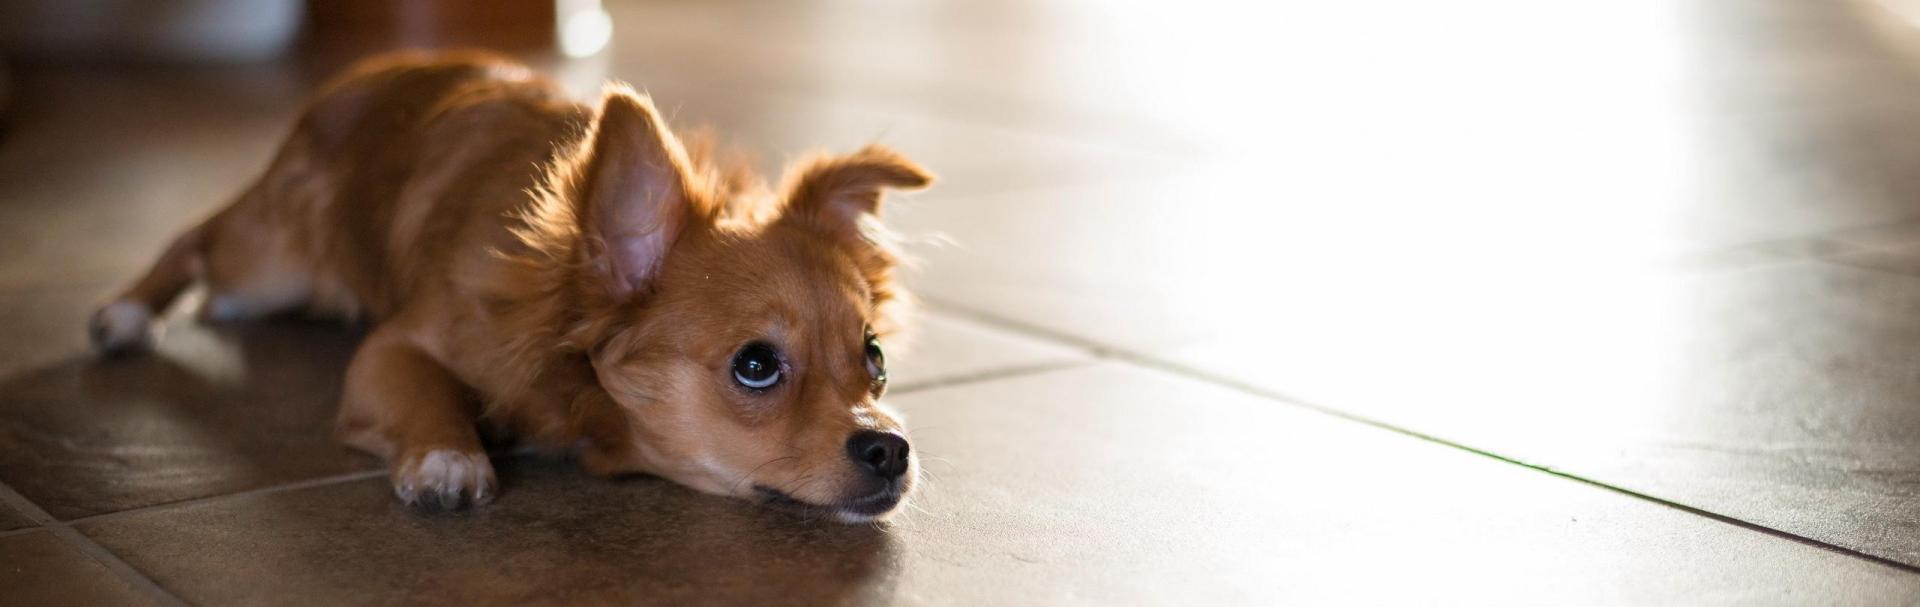 Cum să-ţi îngrijeşti căţelul care suferă de artrită?